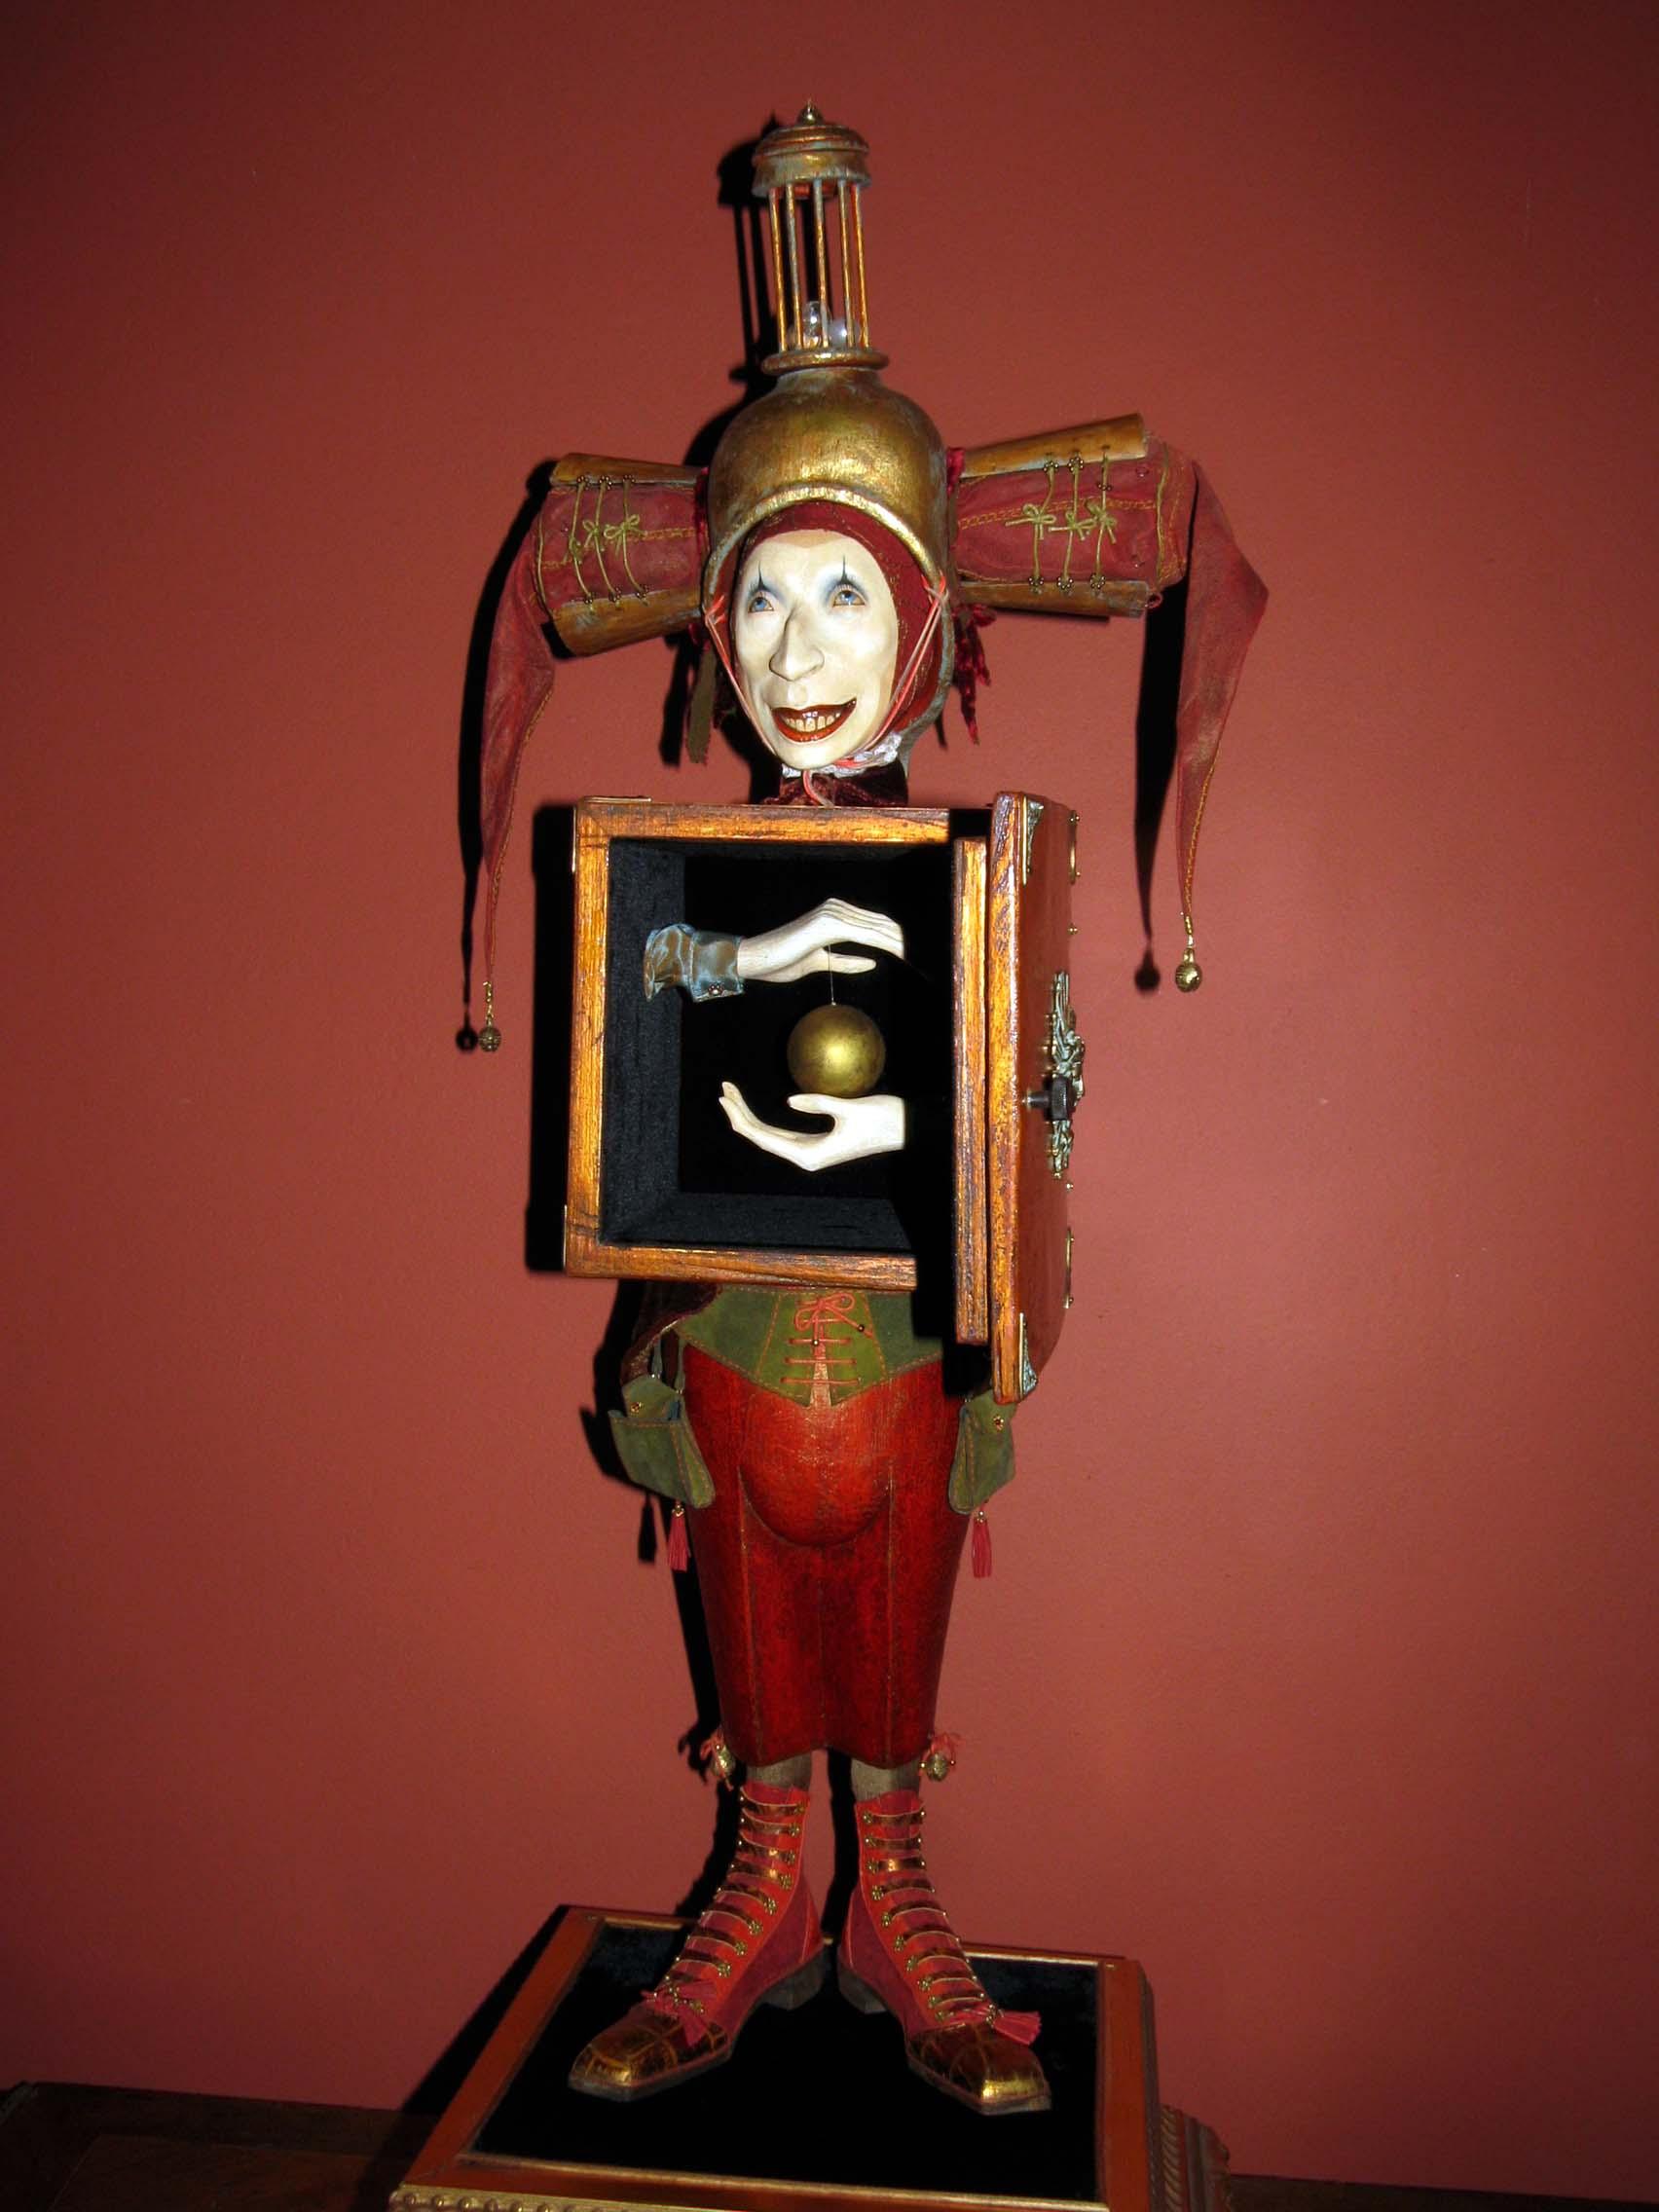 Фото №44361. Иллюзионист. 2007